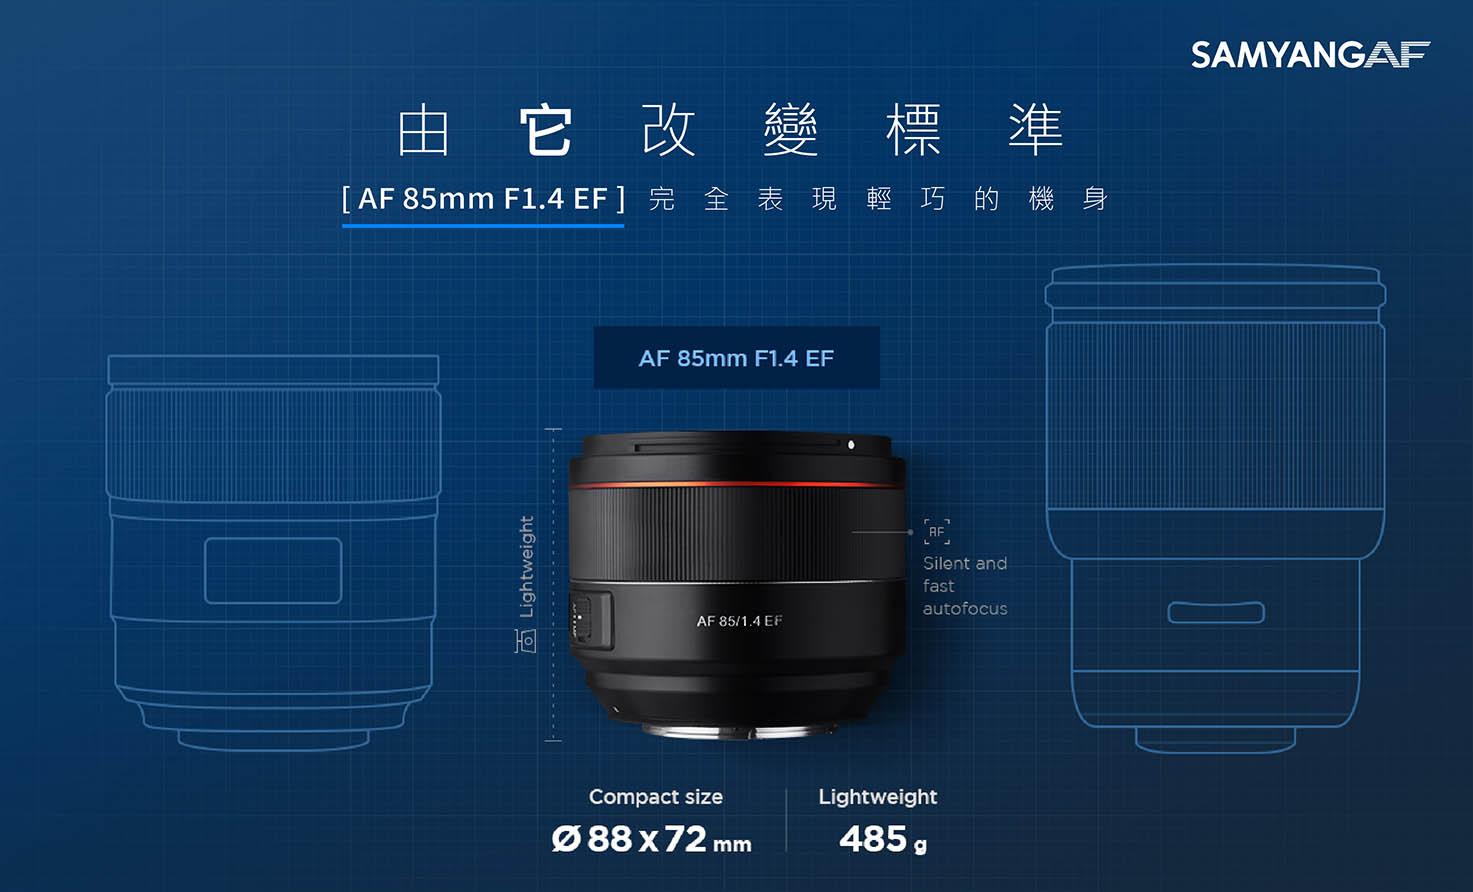 Samyang 森養 AF 85mm F1.4 EF 自動對焦鏡頭 (Canon EF 接口)